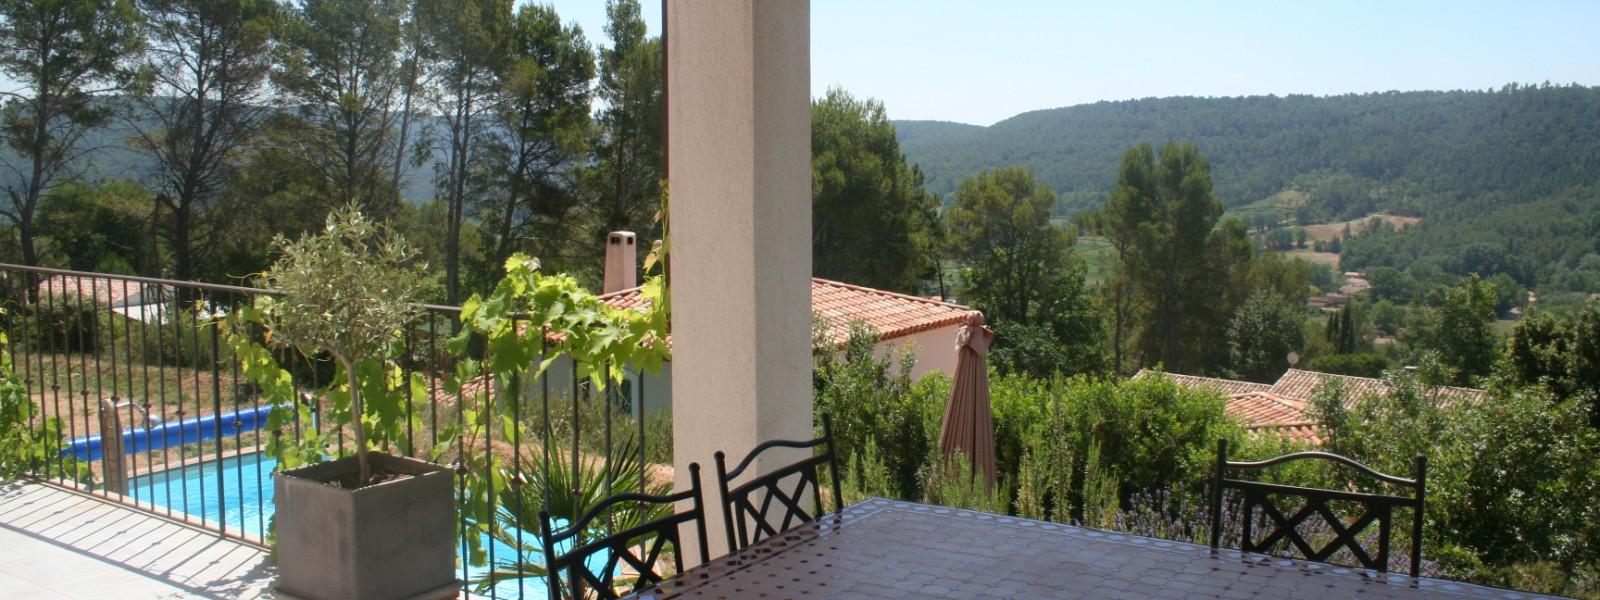 SALERNES Villa avec vue panoramique  Réf. : 4403